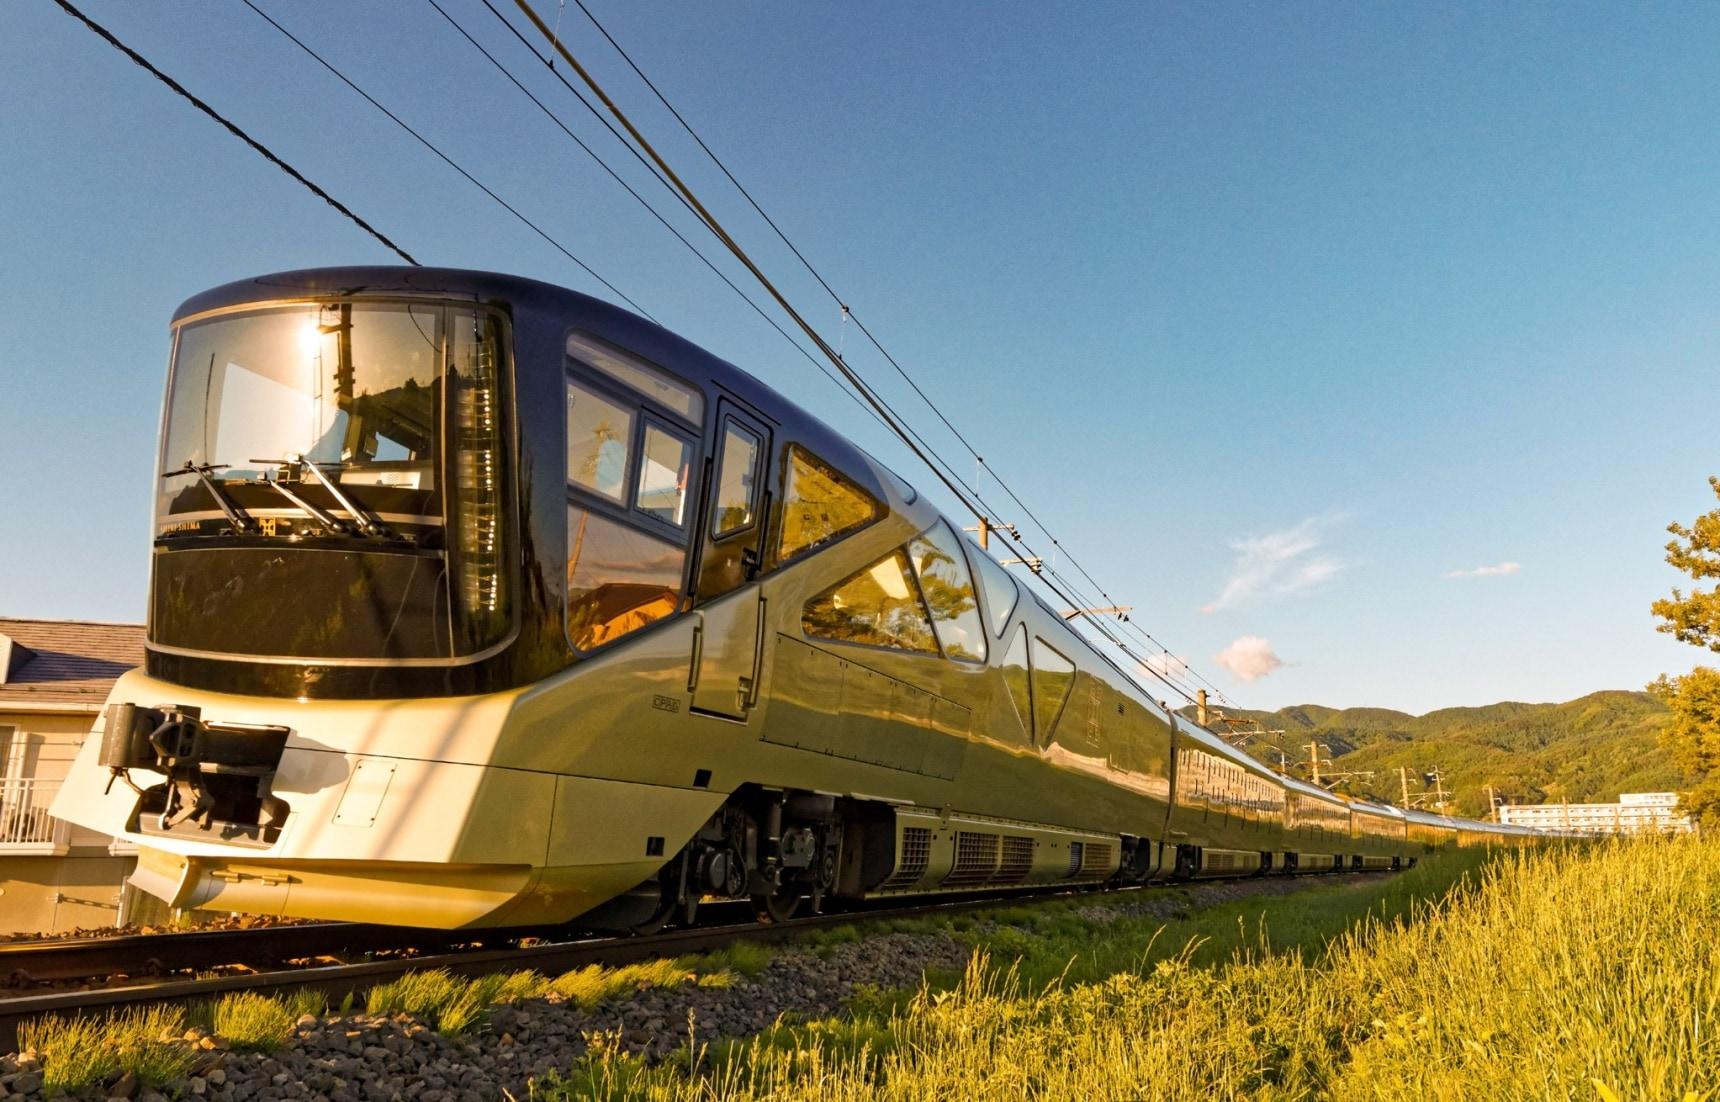 5 ขบวนรถไฟสุดหรูของประเทศญี่ปุ่น